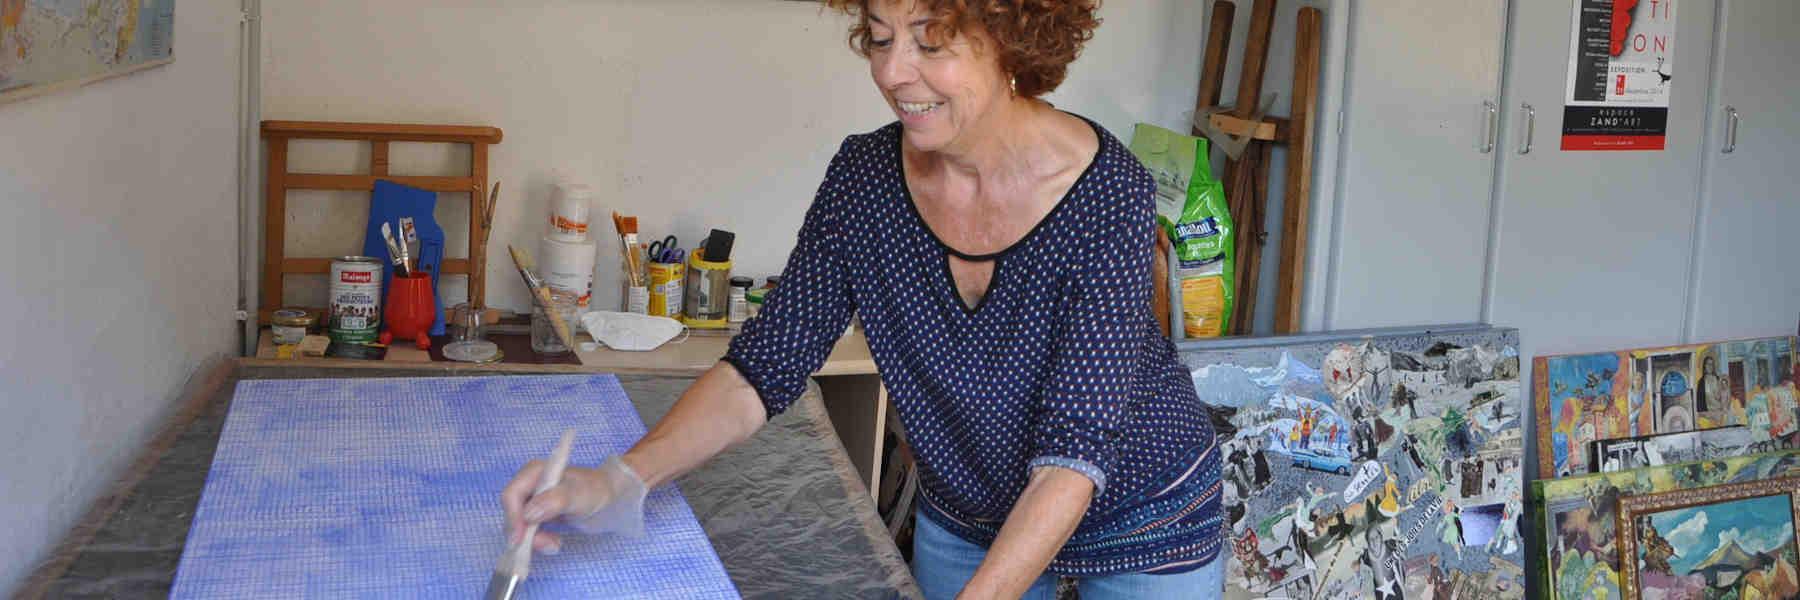 Mona badie - artisan peintre collagiste